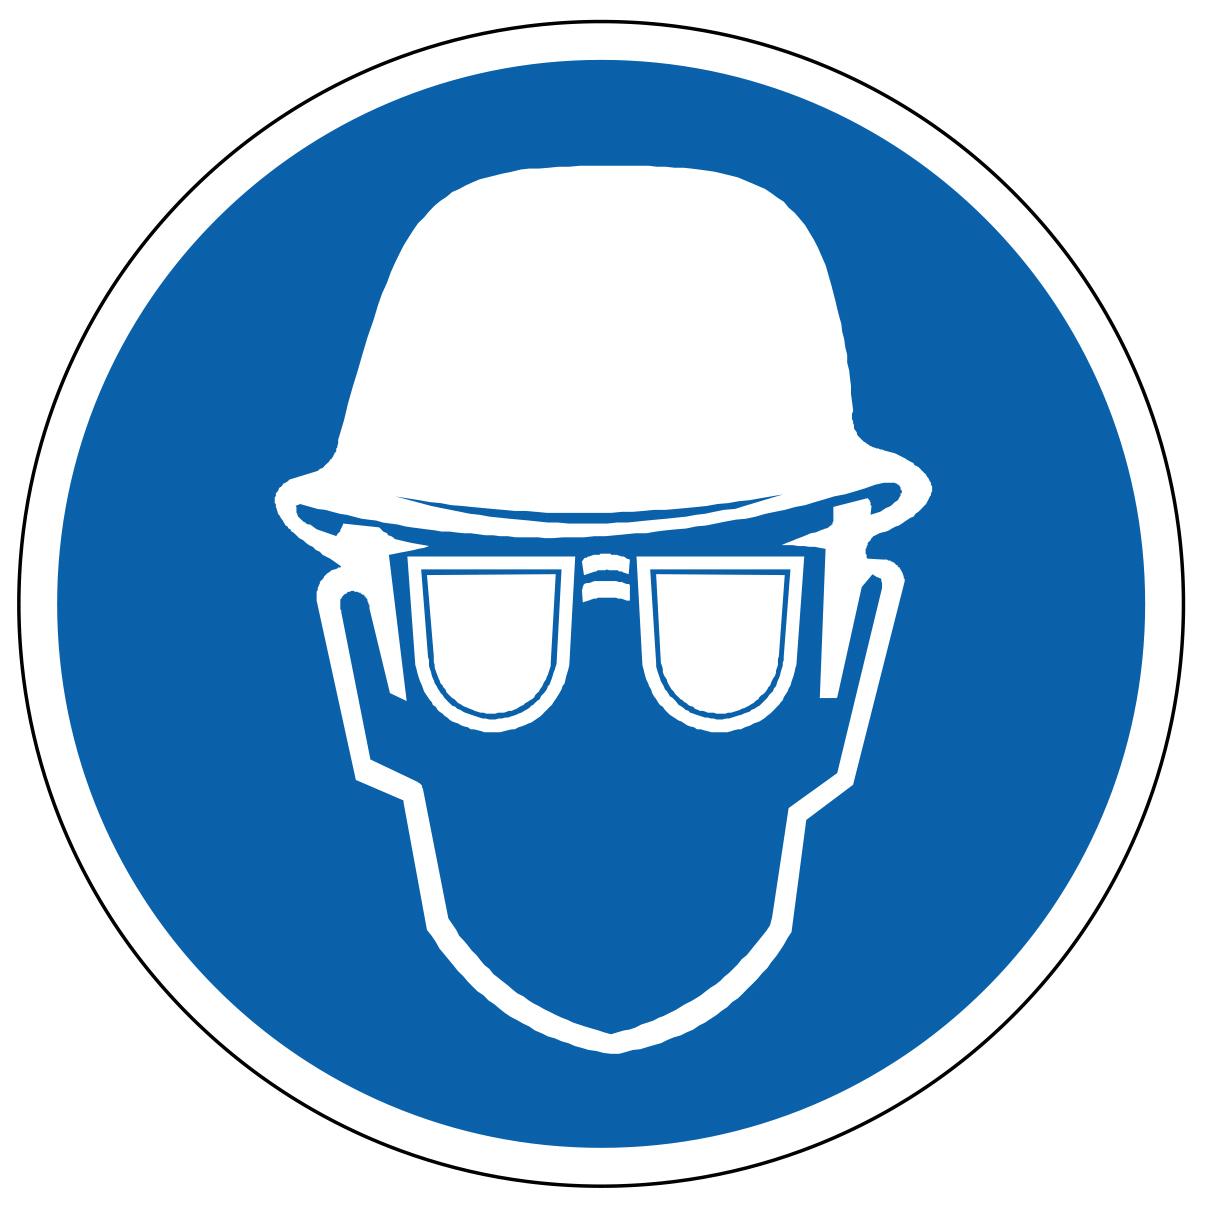 Port du casque et lunettes de protection obligatoire cb6612032b17